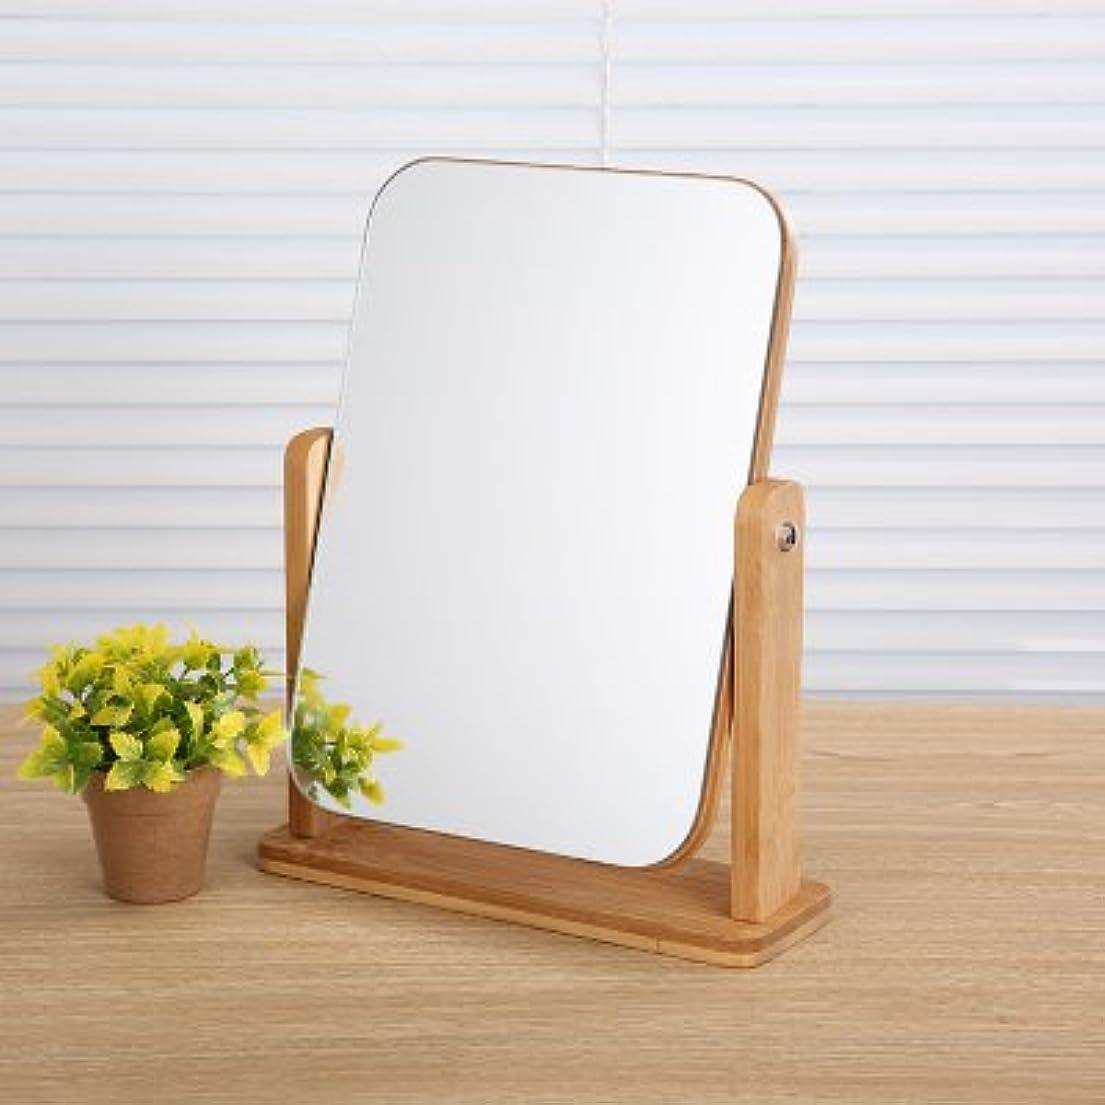 であること準備区画角度調節可能 木枠 コンパクト メイクミラー 卓上ミラー 化粧鏡